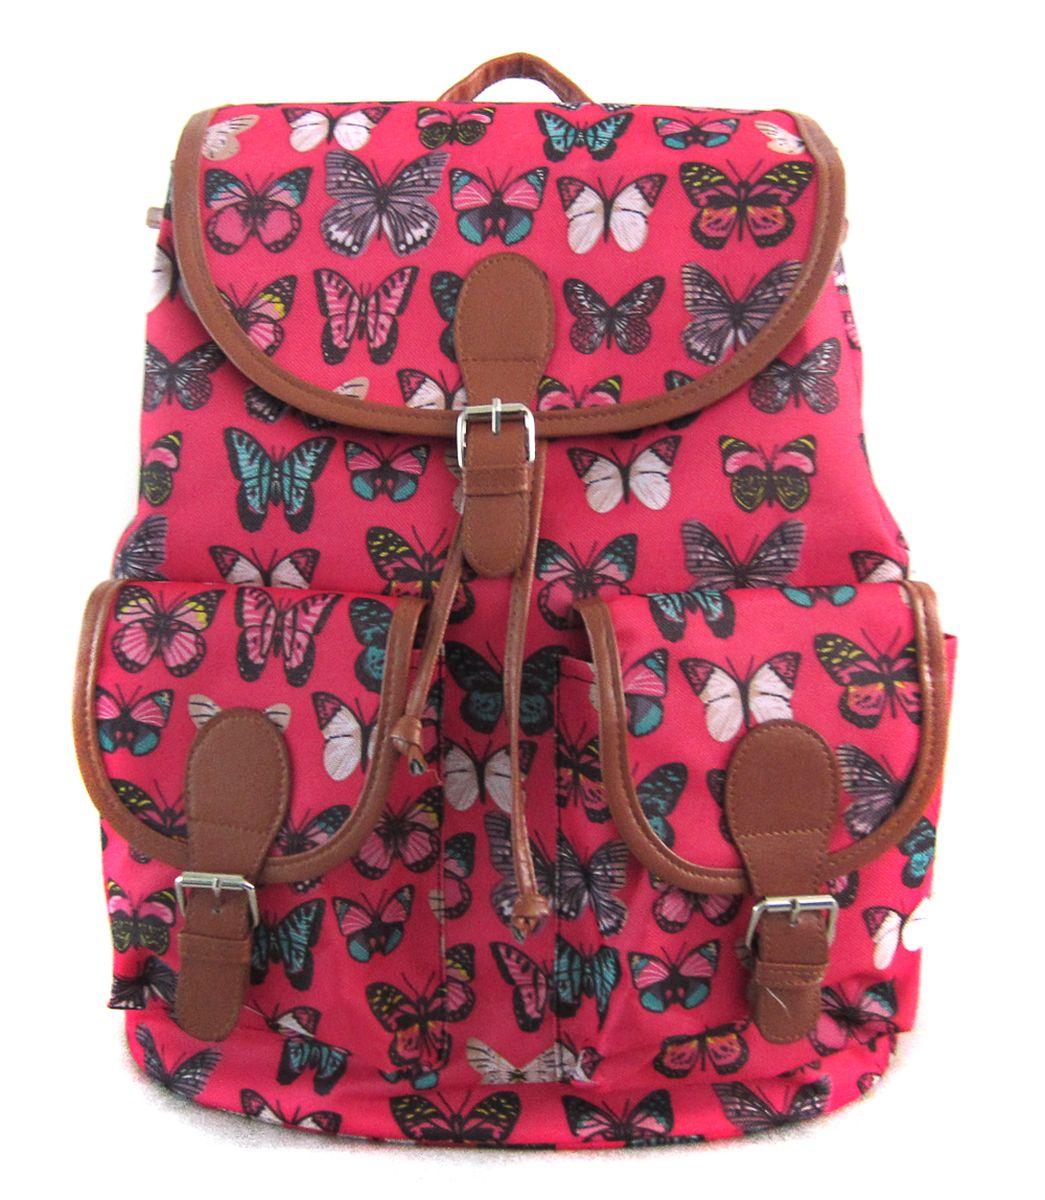 Рюкзак молодежный Creative Махаоны, цвет: розовый, 23 лD-191/36Рюкзак молодежный Creative Махаоны - лаконичная и очень удобная модель, в которую поместится все: школьные принадлежности и завтрак, спортивная форма, любимые игрушки, ноутбук. Подвесная система позволяет регулировать лямки и тем самым адаптировать изделие под рост владельца. Мягкие лямки обеспечат комфорт даже при длительном ношении рюкзака. Внутреннее пространство рюкзака вместит всё необходимое. Благодаря текстильной ручке рюкзак можно повесить. Выполнен рюкзак из влагостойкой ткани. Рюкзак закрывается на клапан, впереди - два кармана с клапанами.Этот рюкзак - точно выделит своего владельца из толпы и привлечет к нему множество заинтересованных взглядов.